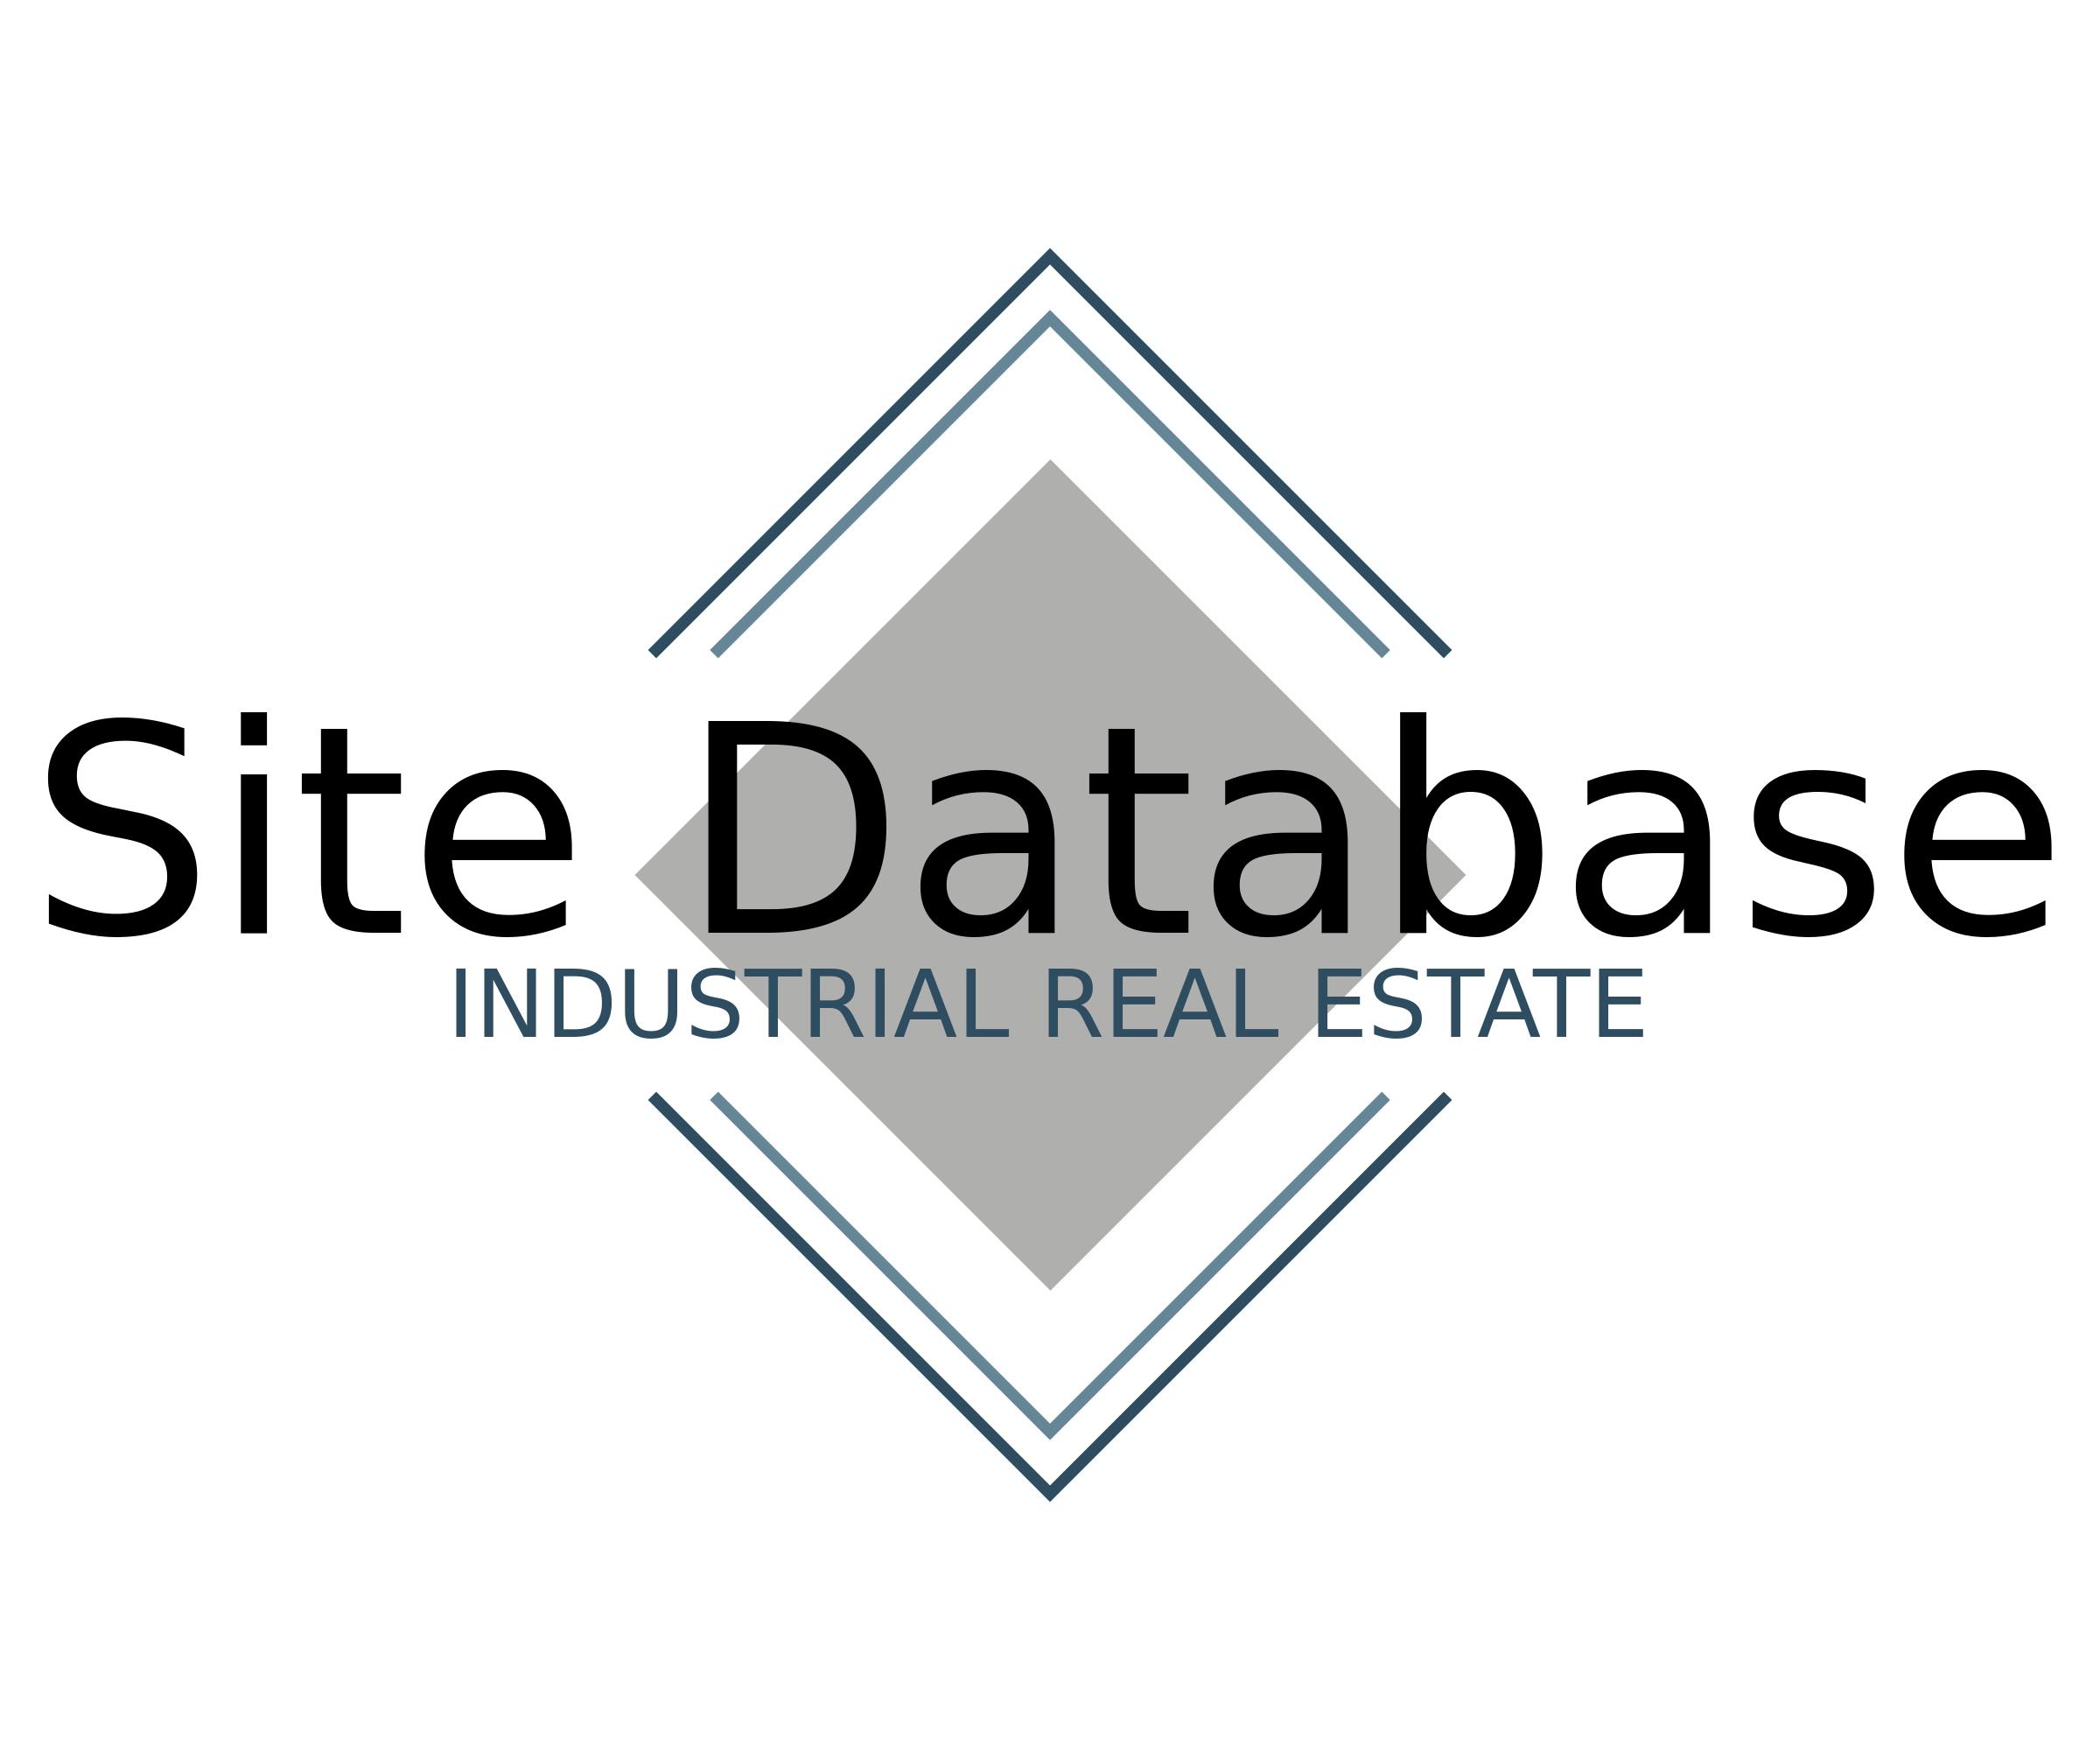 - Digitale Datenbanklösung für Standortwahl-Prozesse